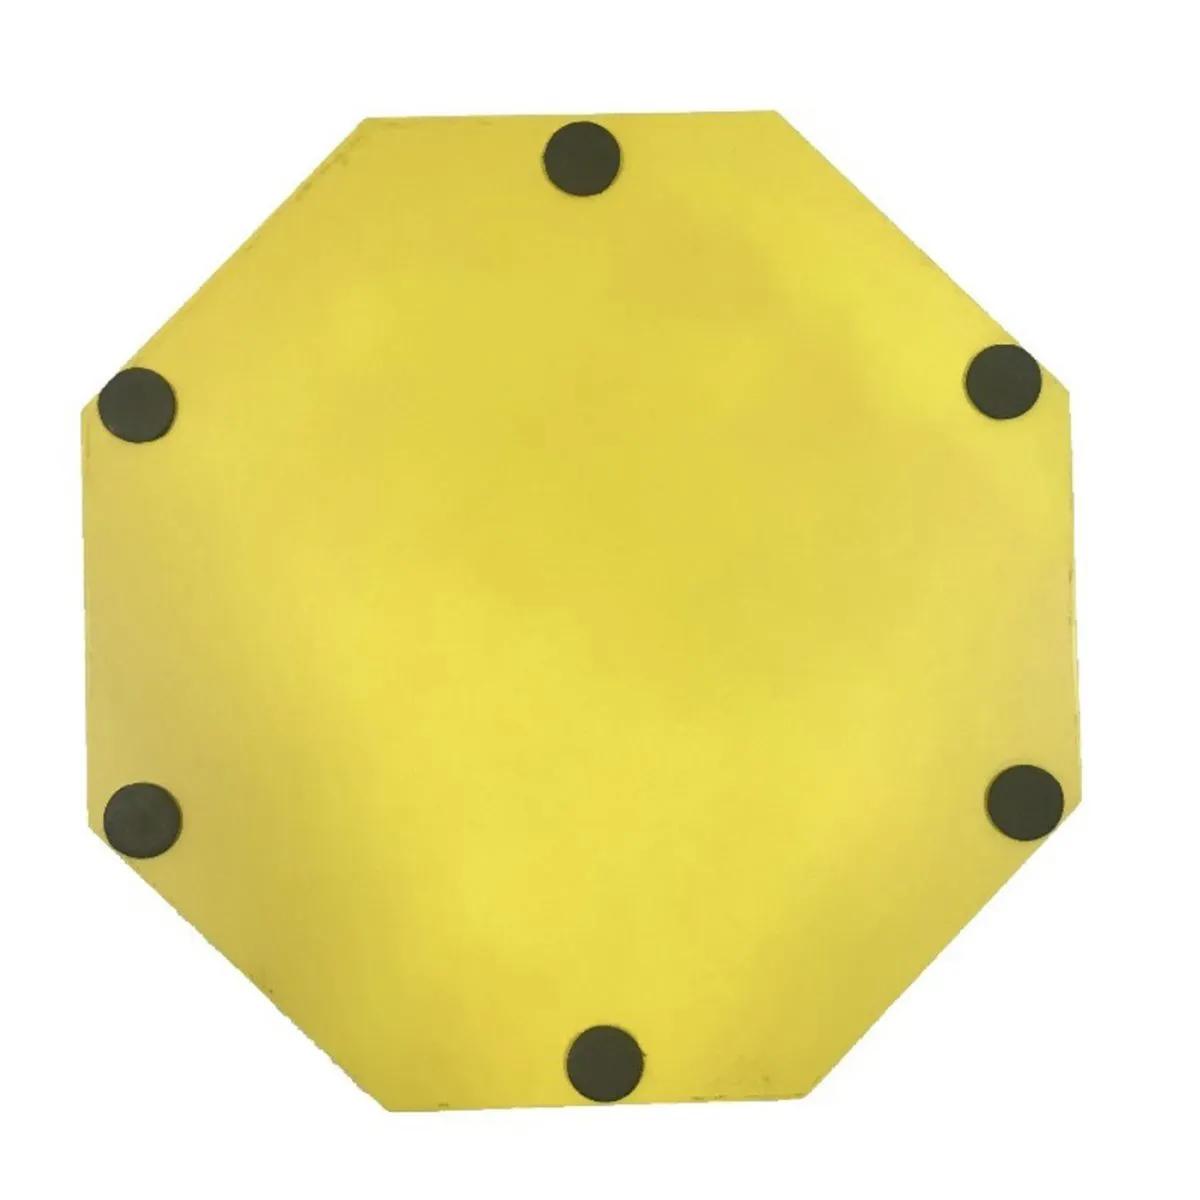 Pad Spanking Balanced Profire E.V.A 270 Amarelo